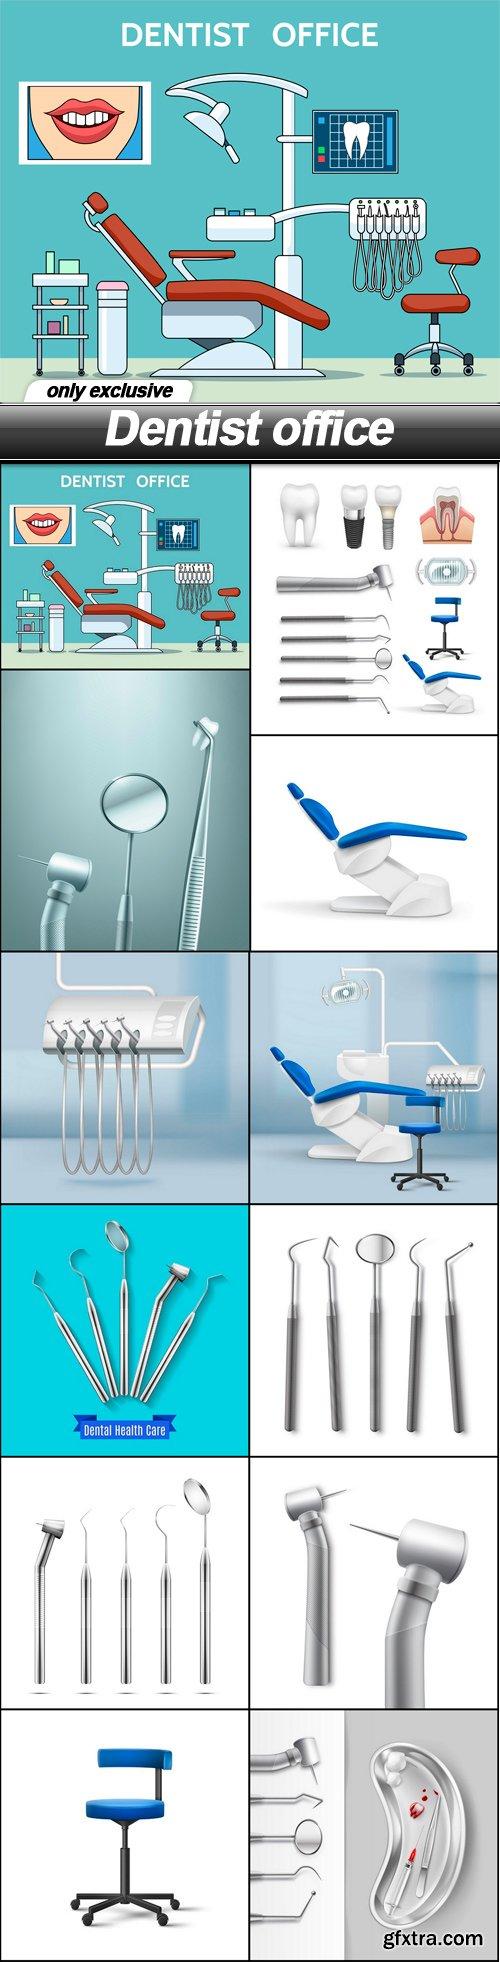 Dentist office - 12 EPS